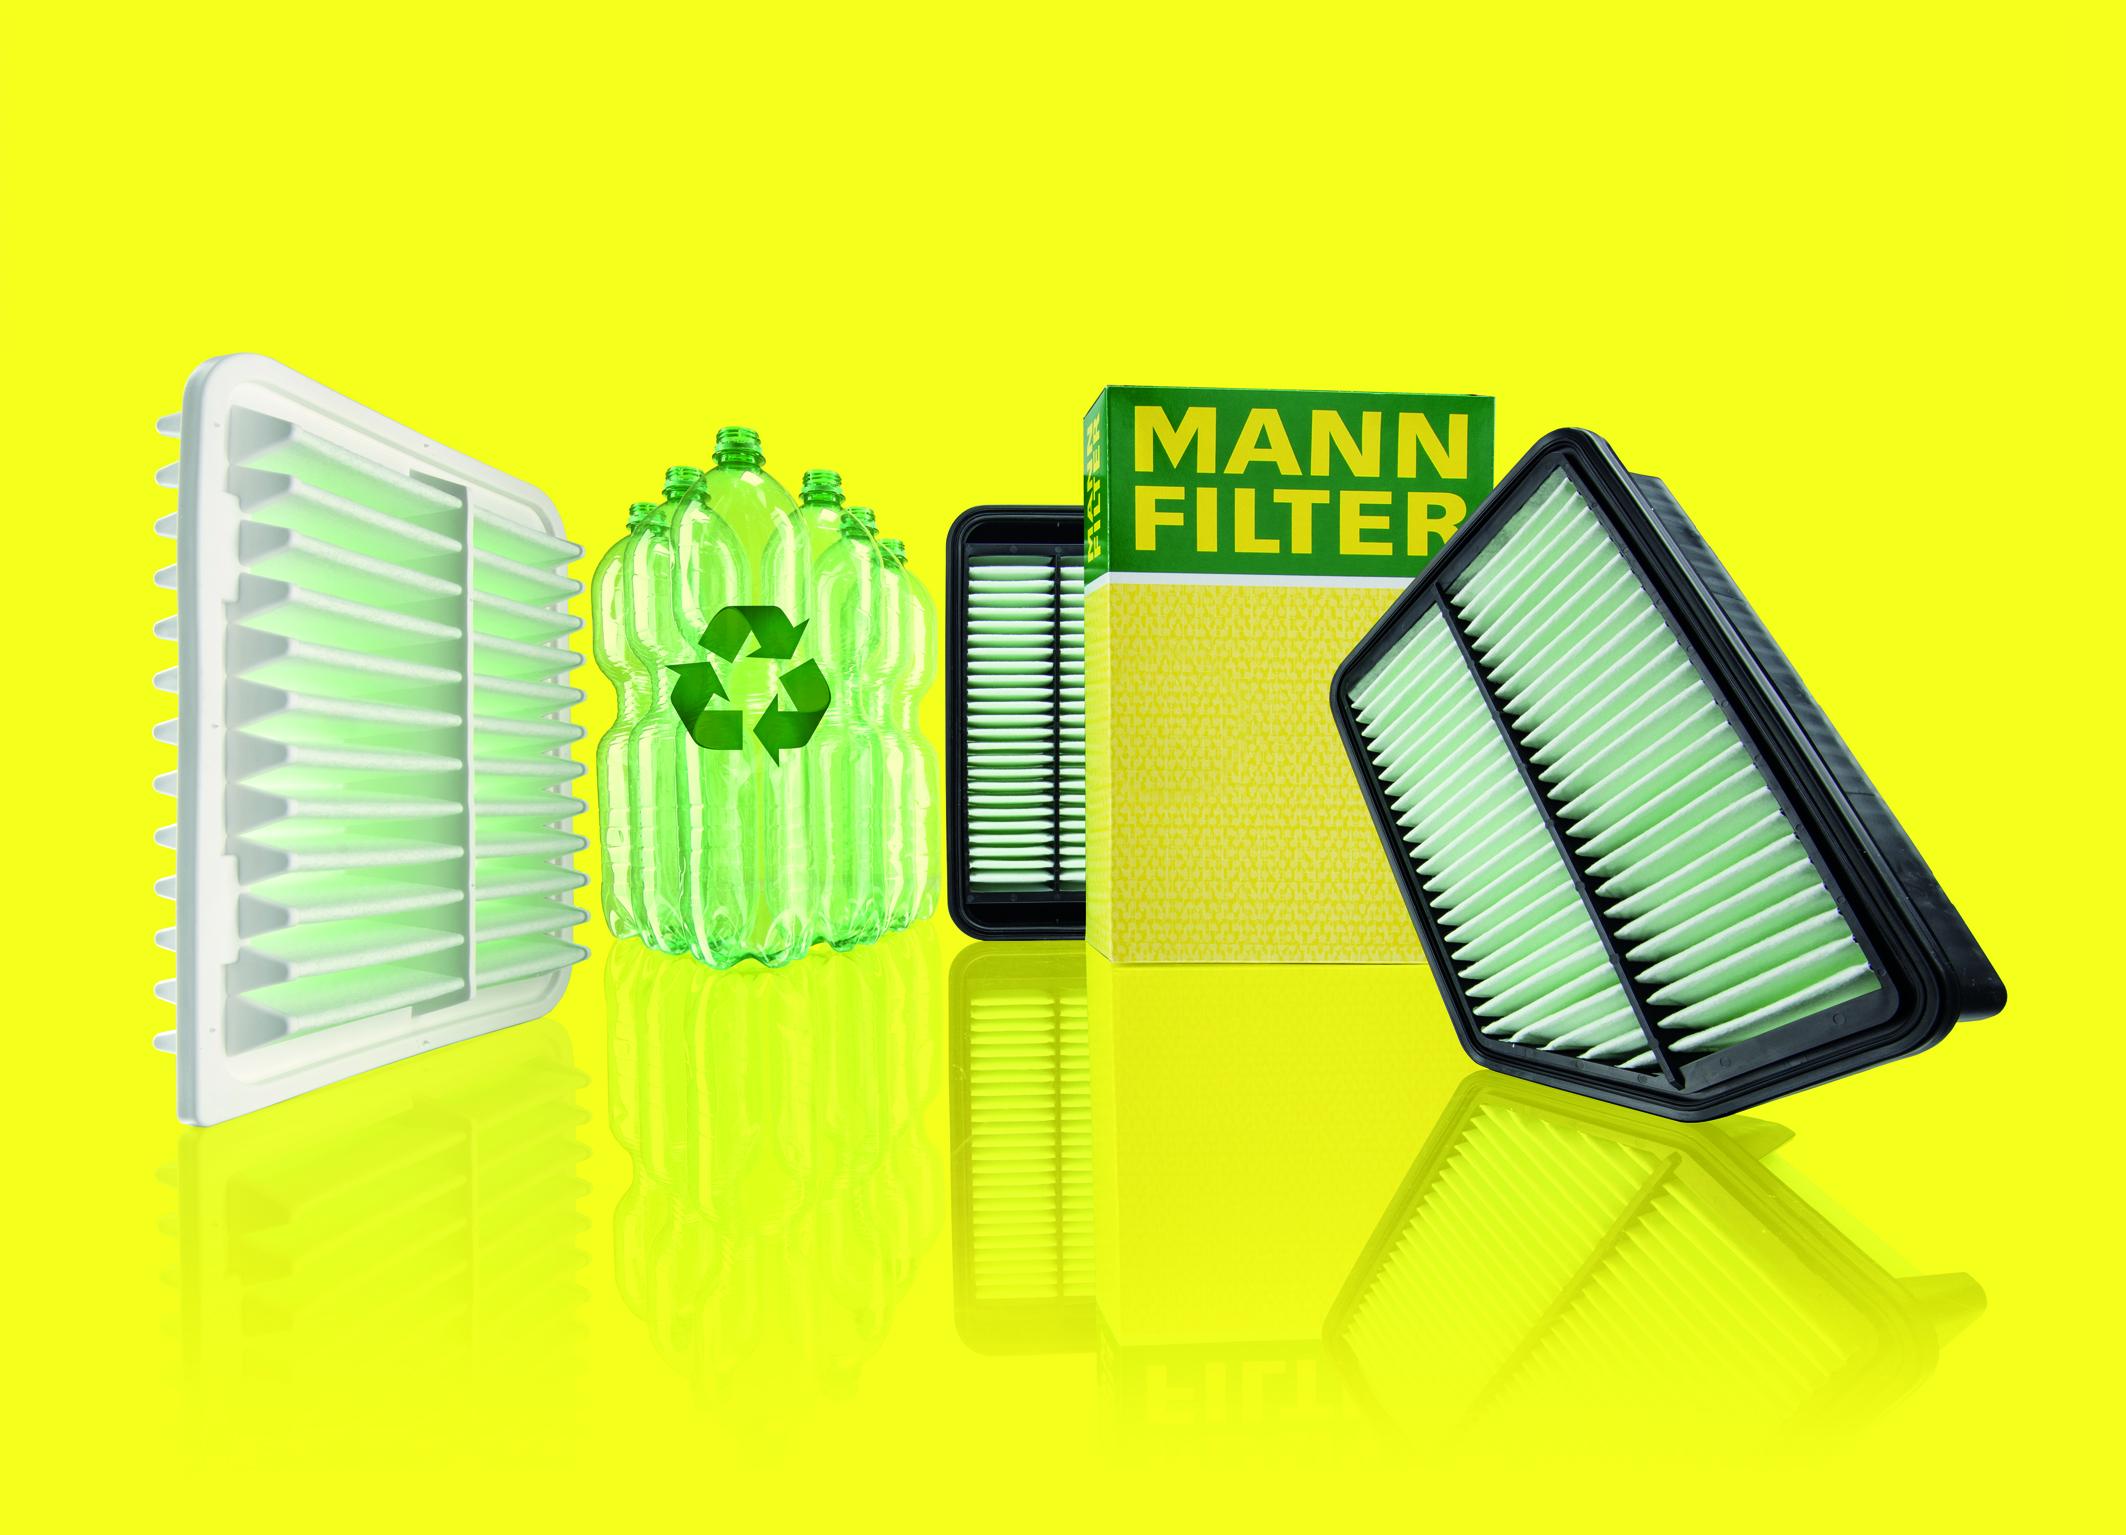 Τώρα ακόμα περισσότερες ίνες από ανακυκλωμένα υλικά στα φίλτρα αέρα της MANN-FILTER